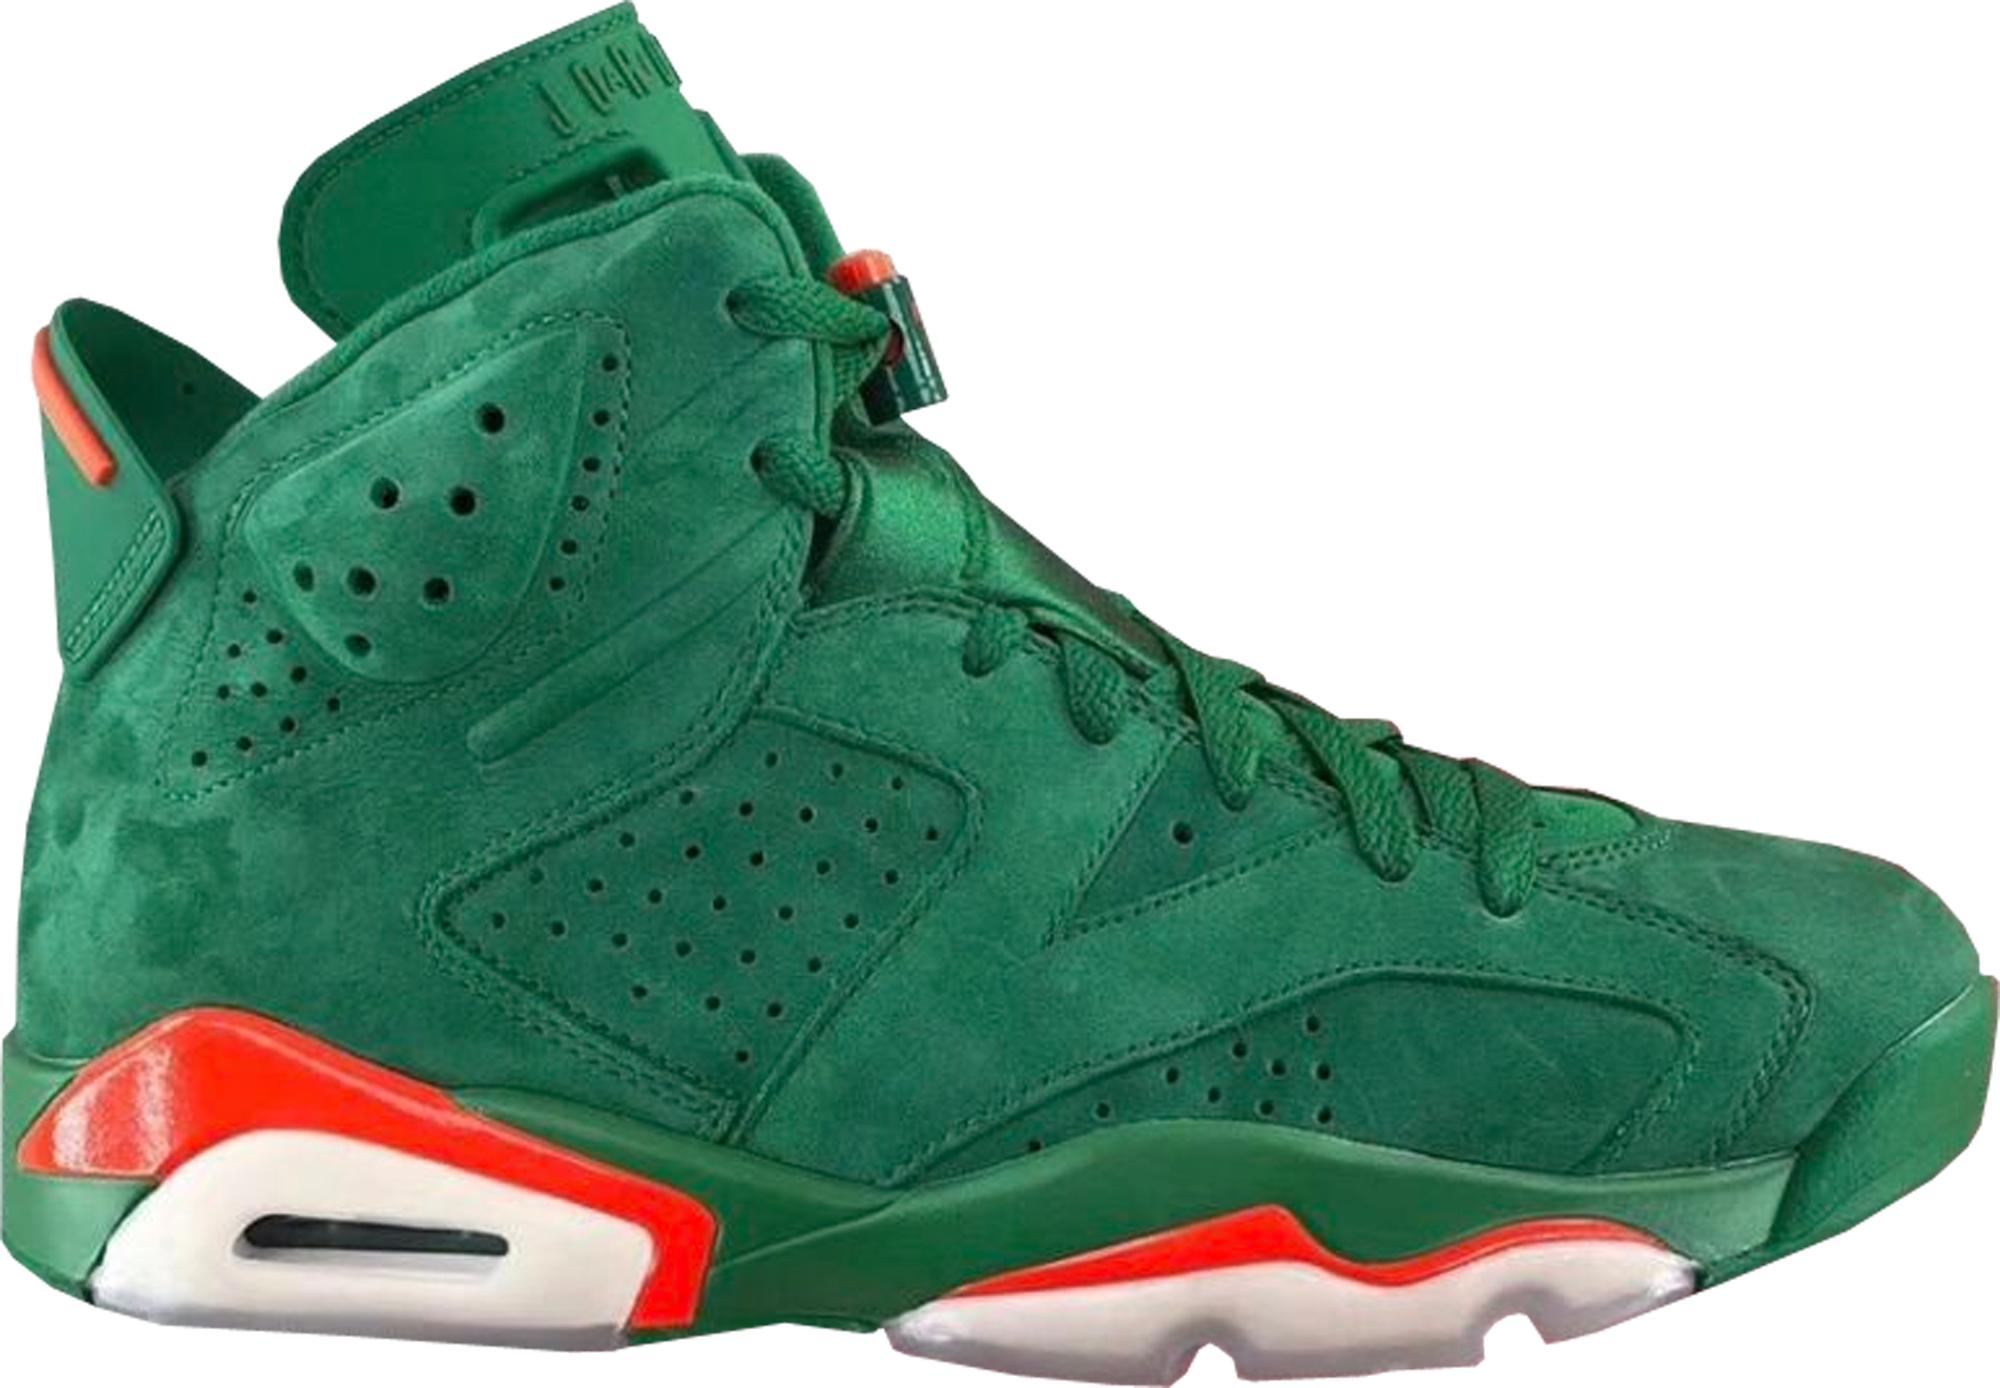 Air Jordan 6 Chaussures Stock Vert De Gatorade X